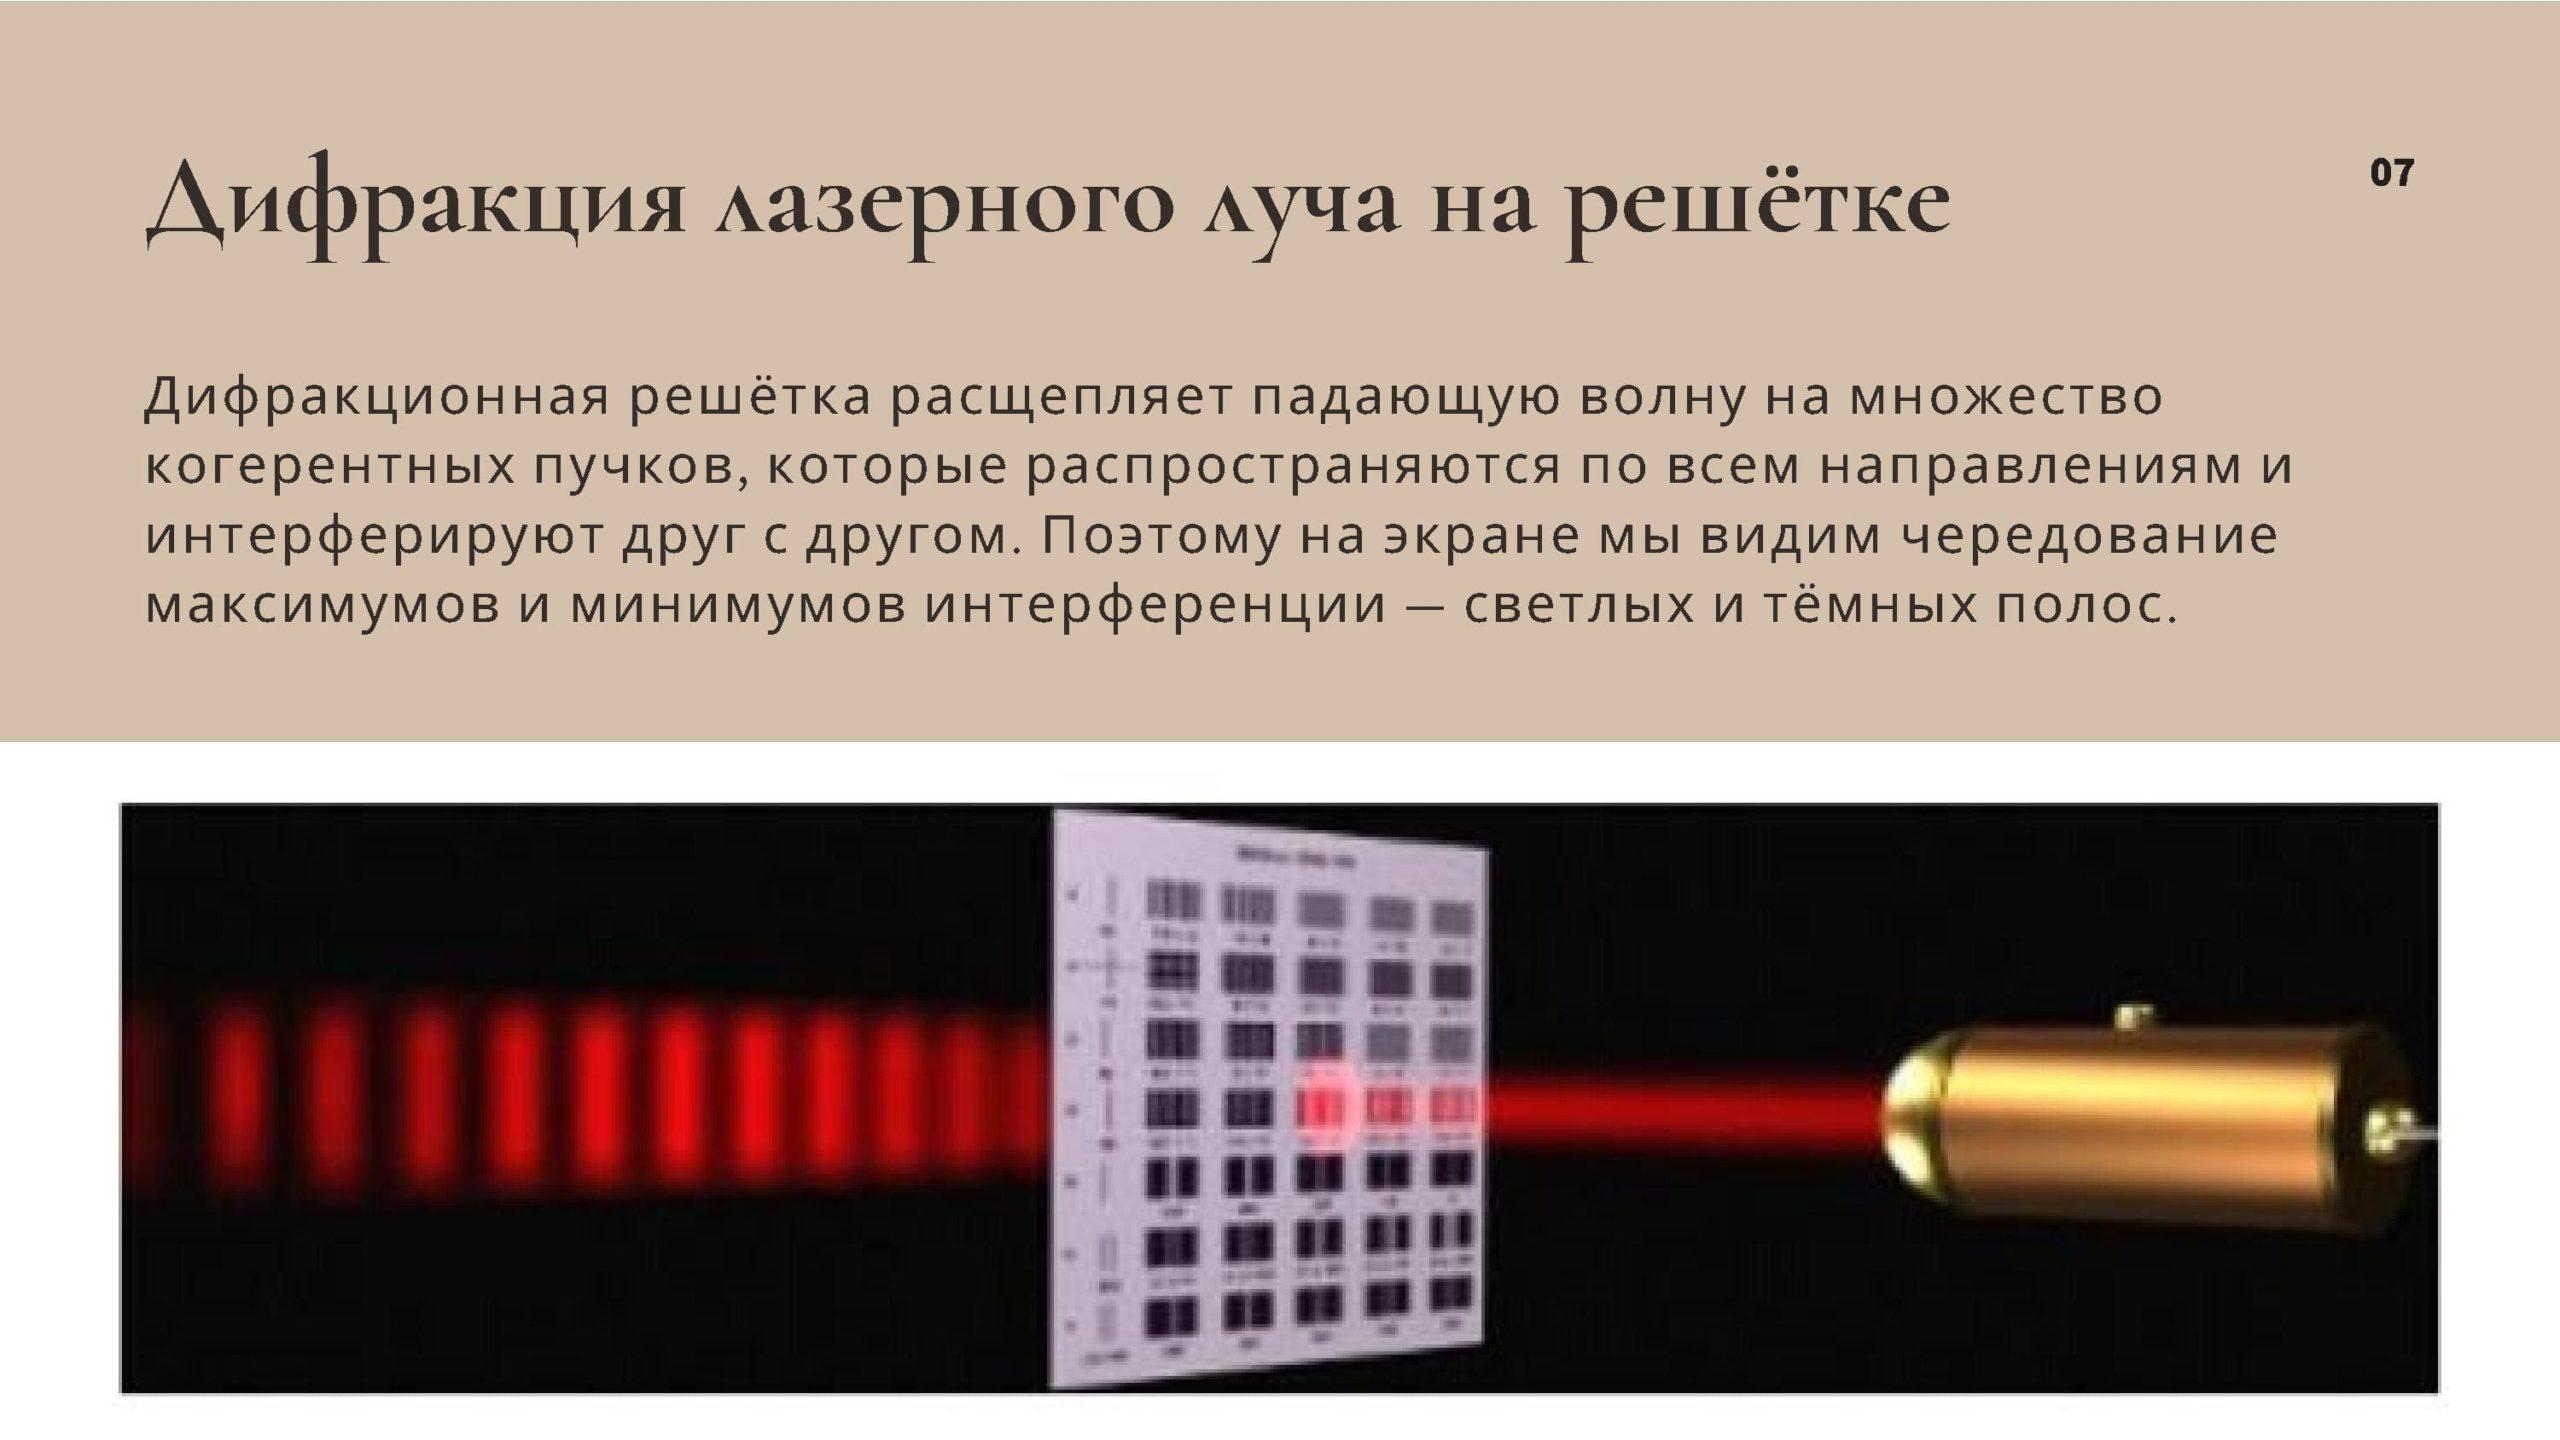 Дифракция лазерного луча на решётке